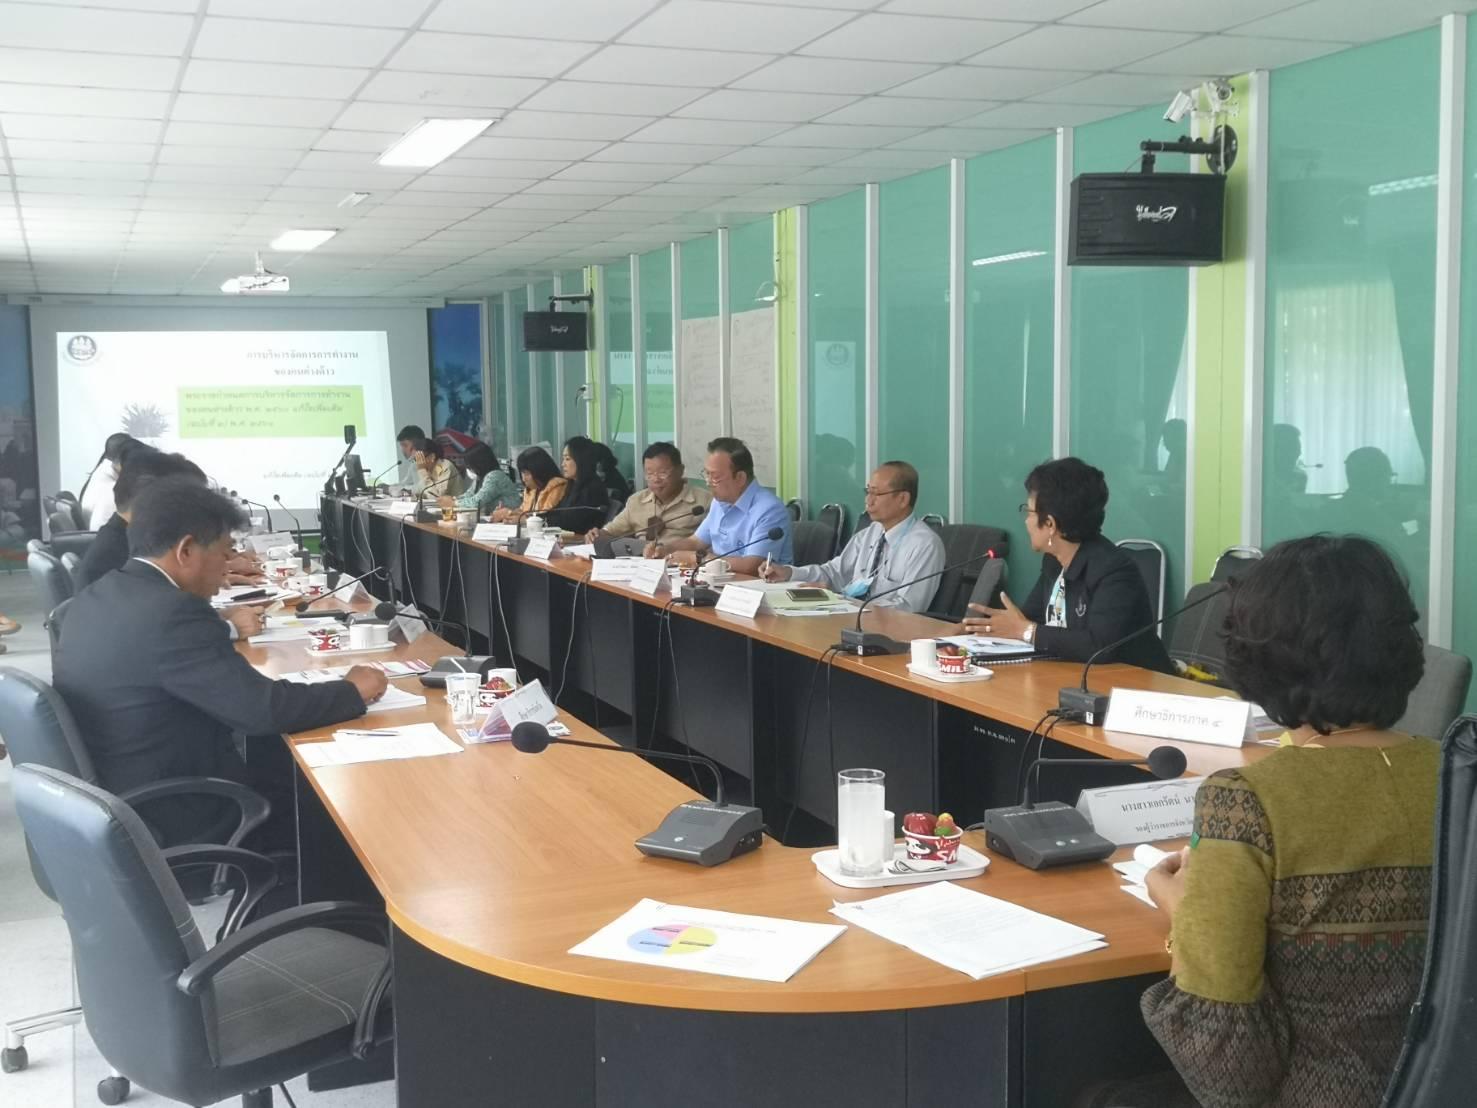 ประชุมคณะกรรมการศึกษาธิการจังหวัดเพชรบุรี